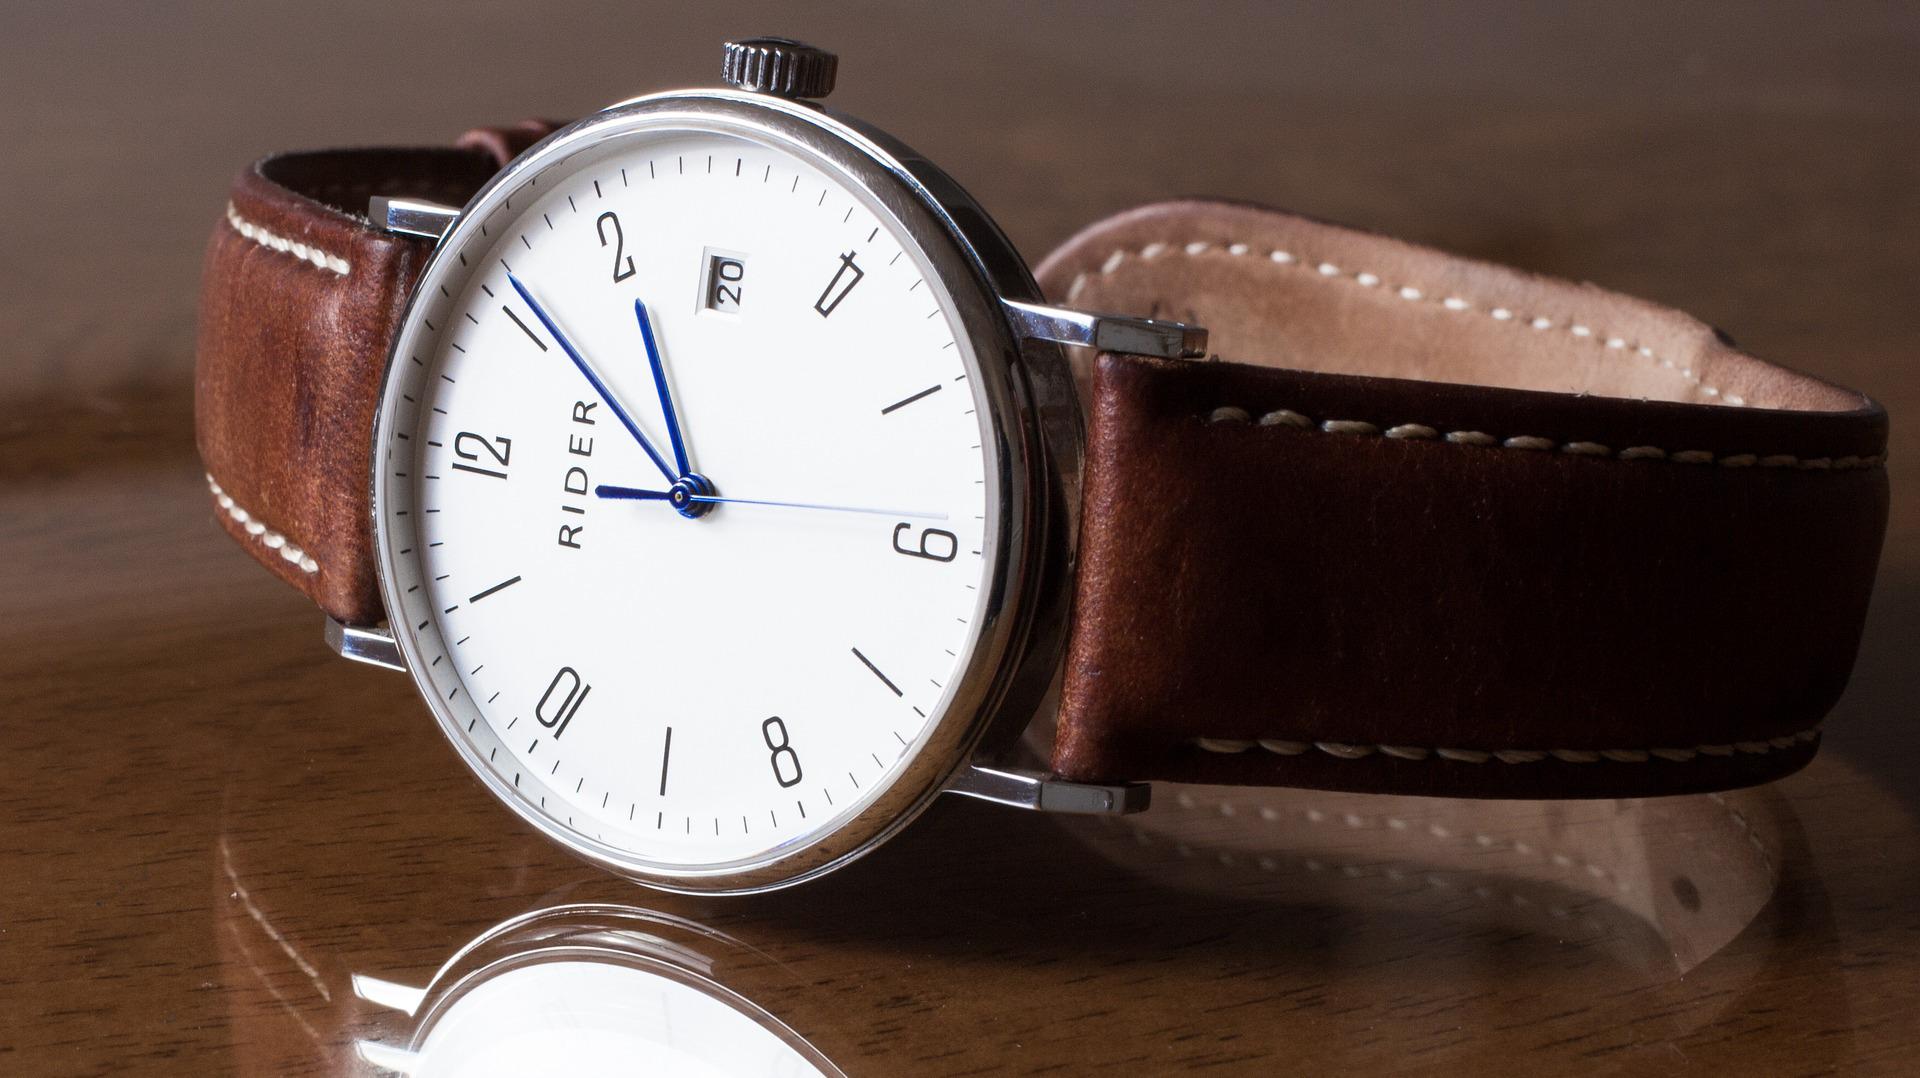 Historia y curiosidades del reloj de pulsera